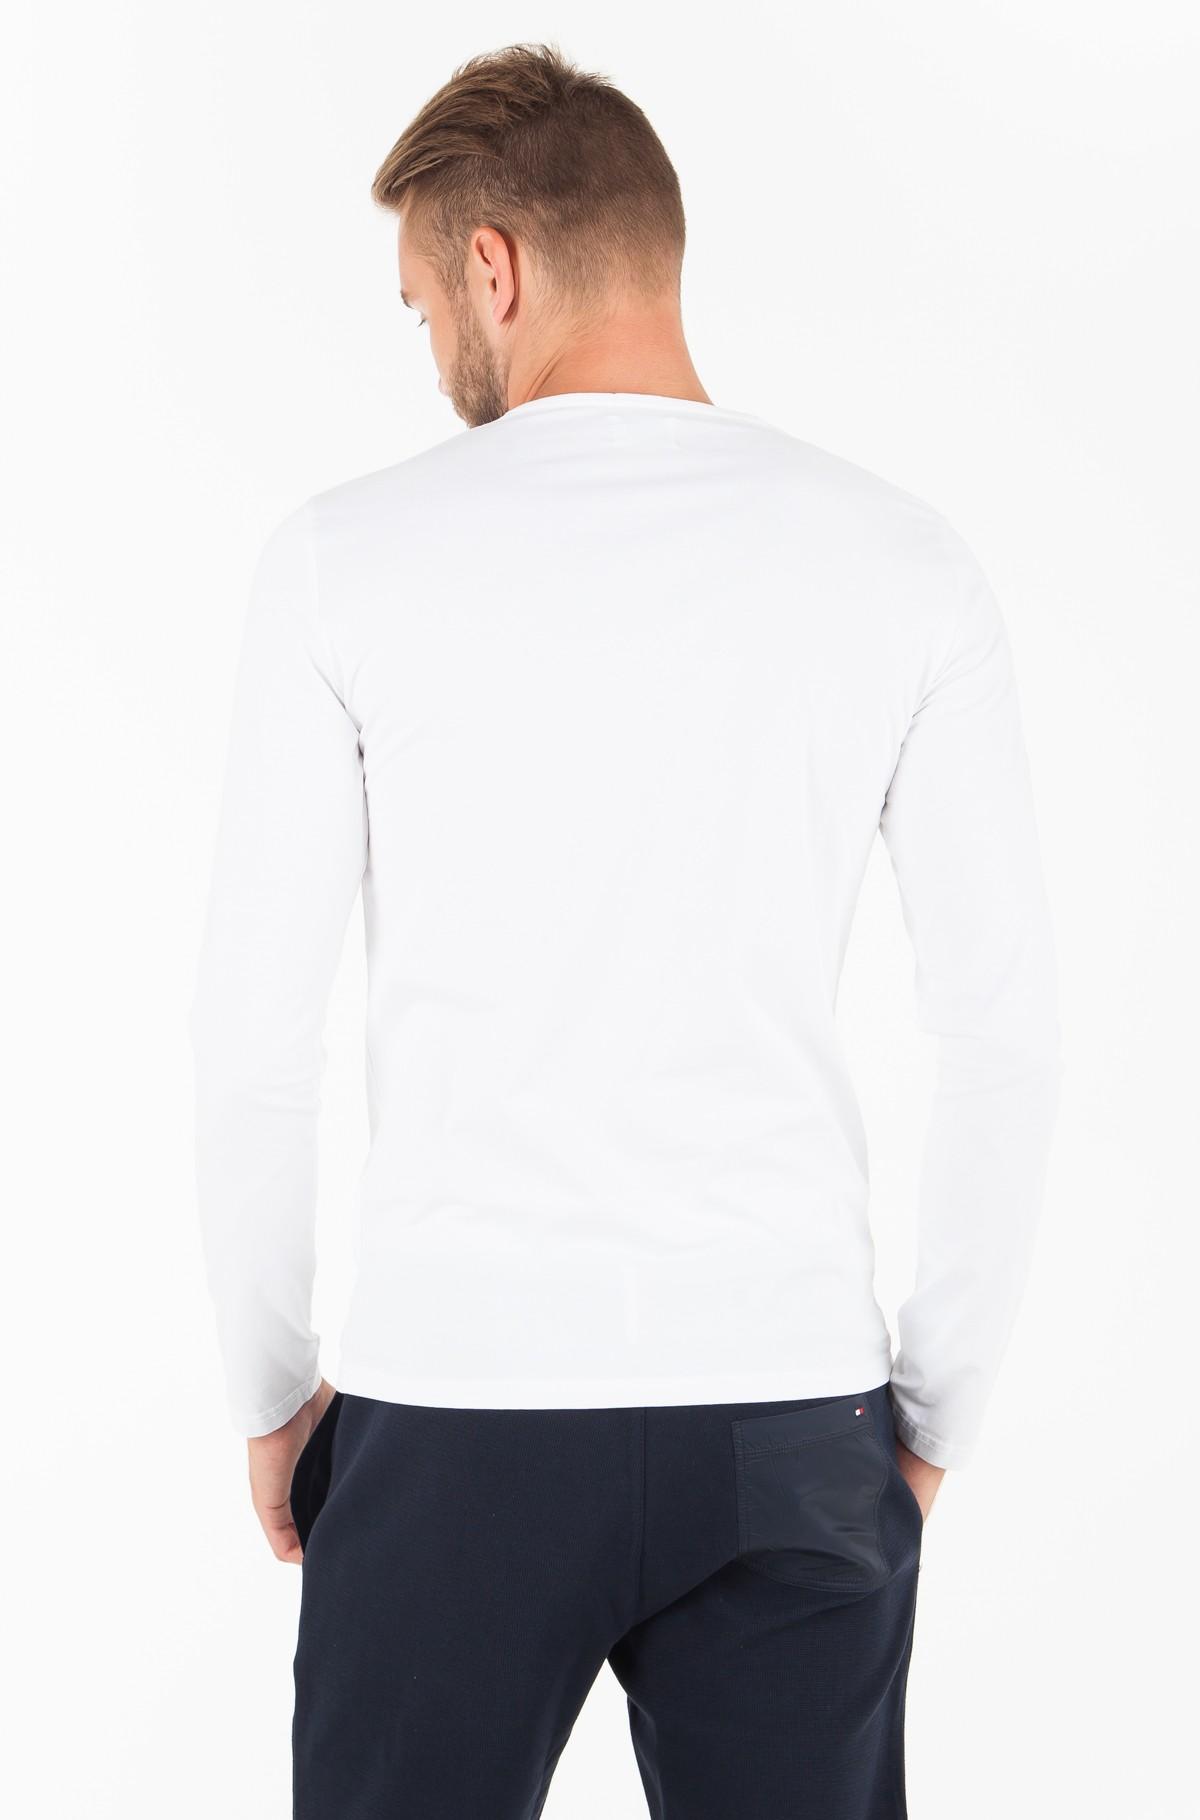 T-krekls ar garām piedurknēm  ORIGINAL BASIC L/S/PM503803-full-2